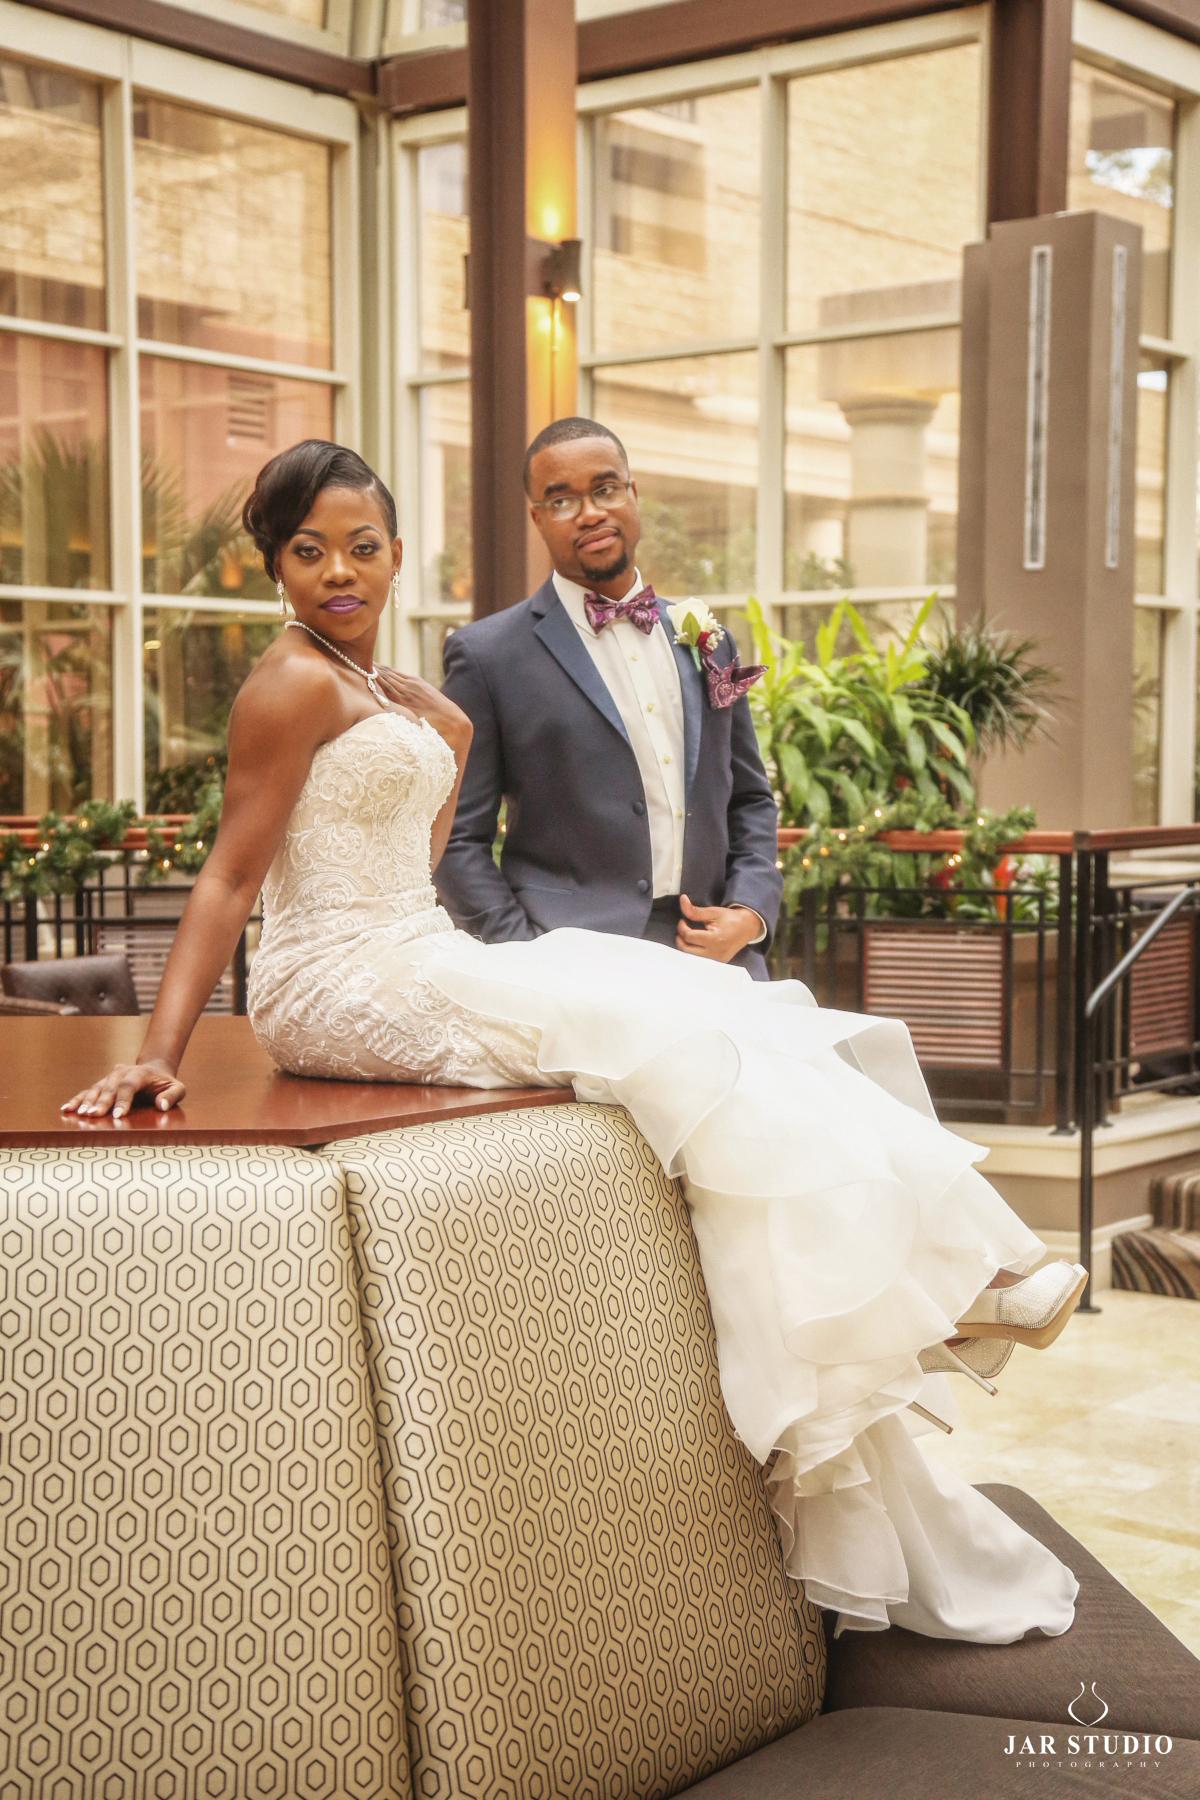 18-jarstudio-wedding-photographer.JPG